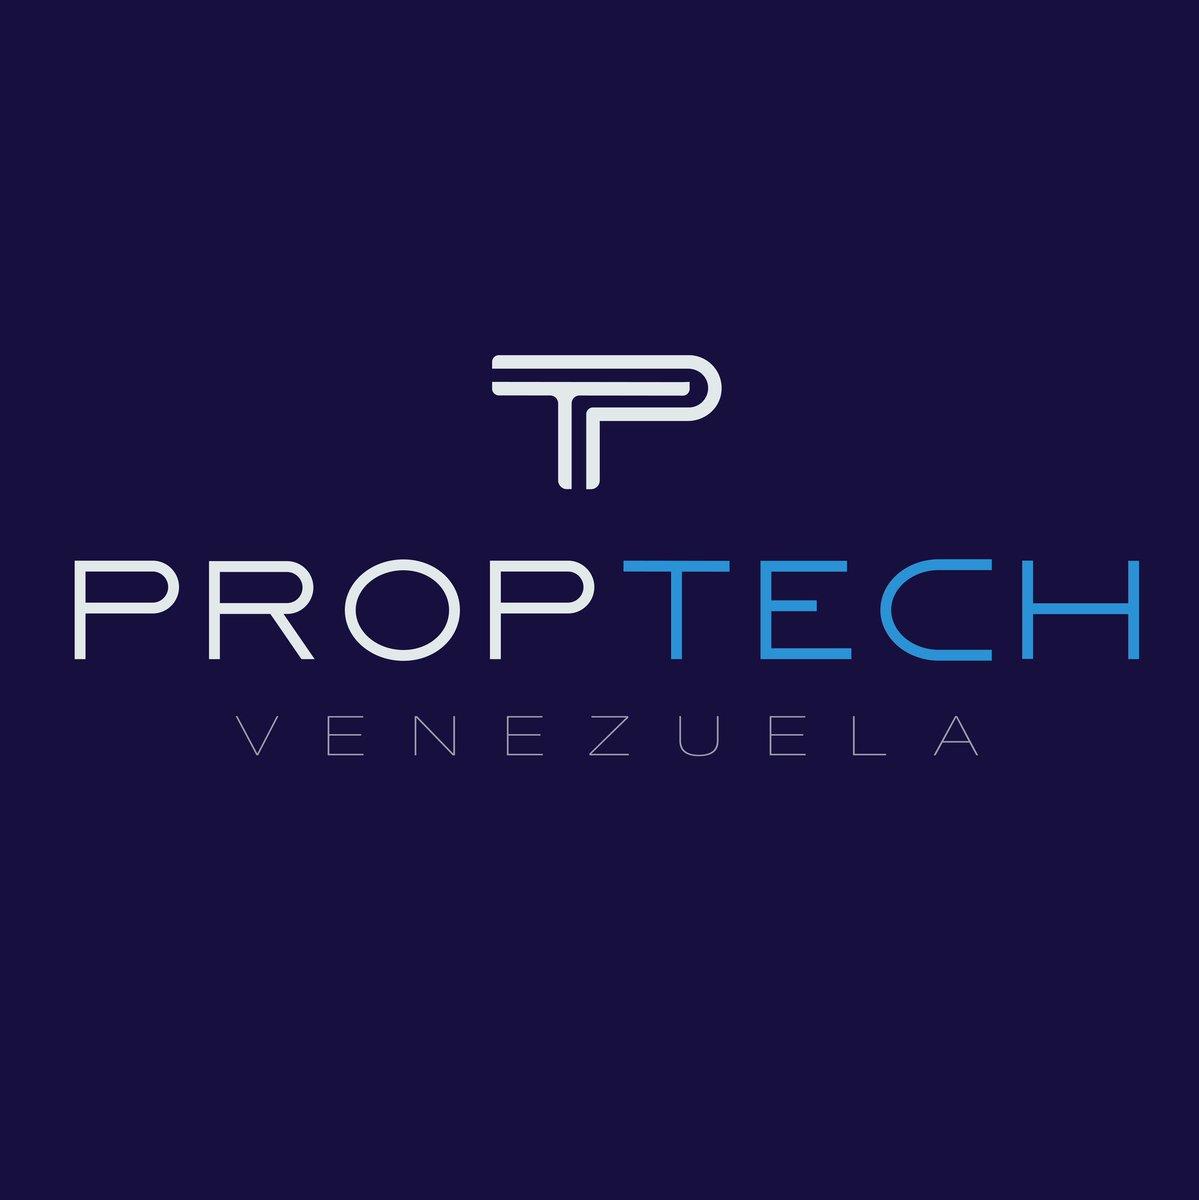 Nace @proptechve!!! Imprimiendo fuerzas en el impulso de la innovación y desarrollo tecnológico para el sector inmobiliario y la construcción en Venezuela, Latinoamérica y el mundo.  #proptech #soyproptech #SmartCitiespic.twitter.com/AcprrKy5Hn